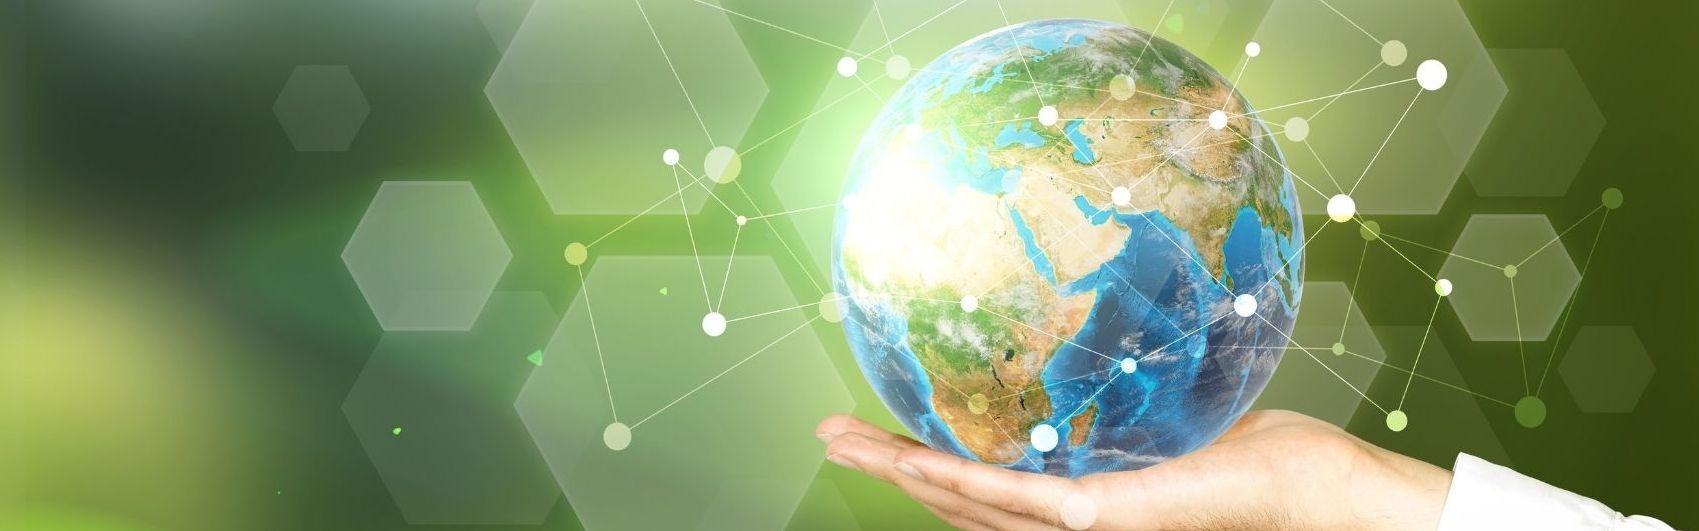 Online-Seminar: KI und Recht in der Praxis – Haftung, Datenschutz und Immaterialgüterrecht